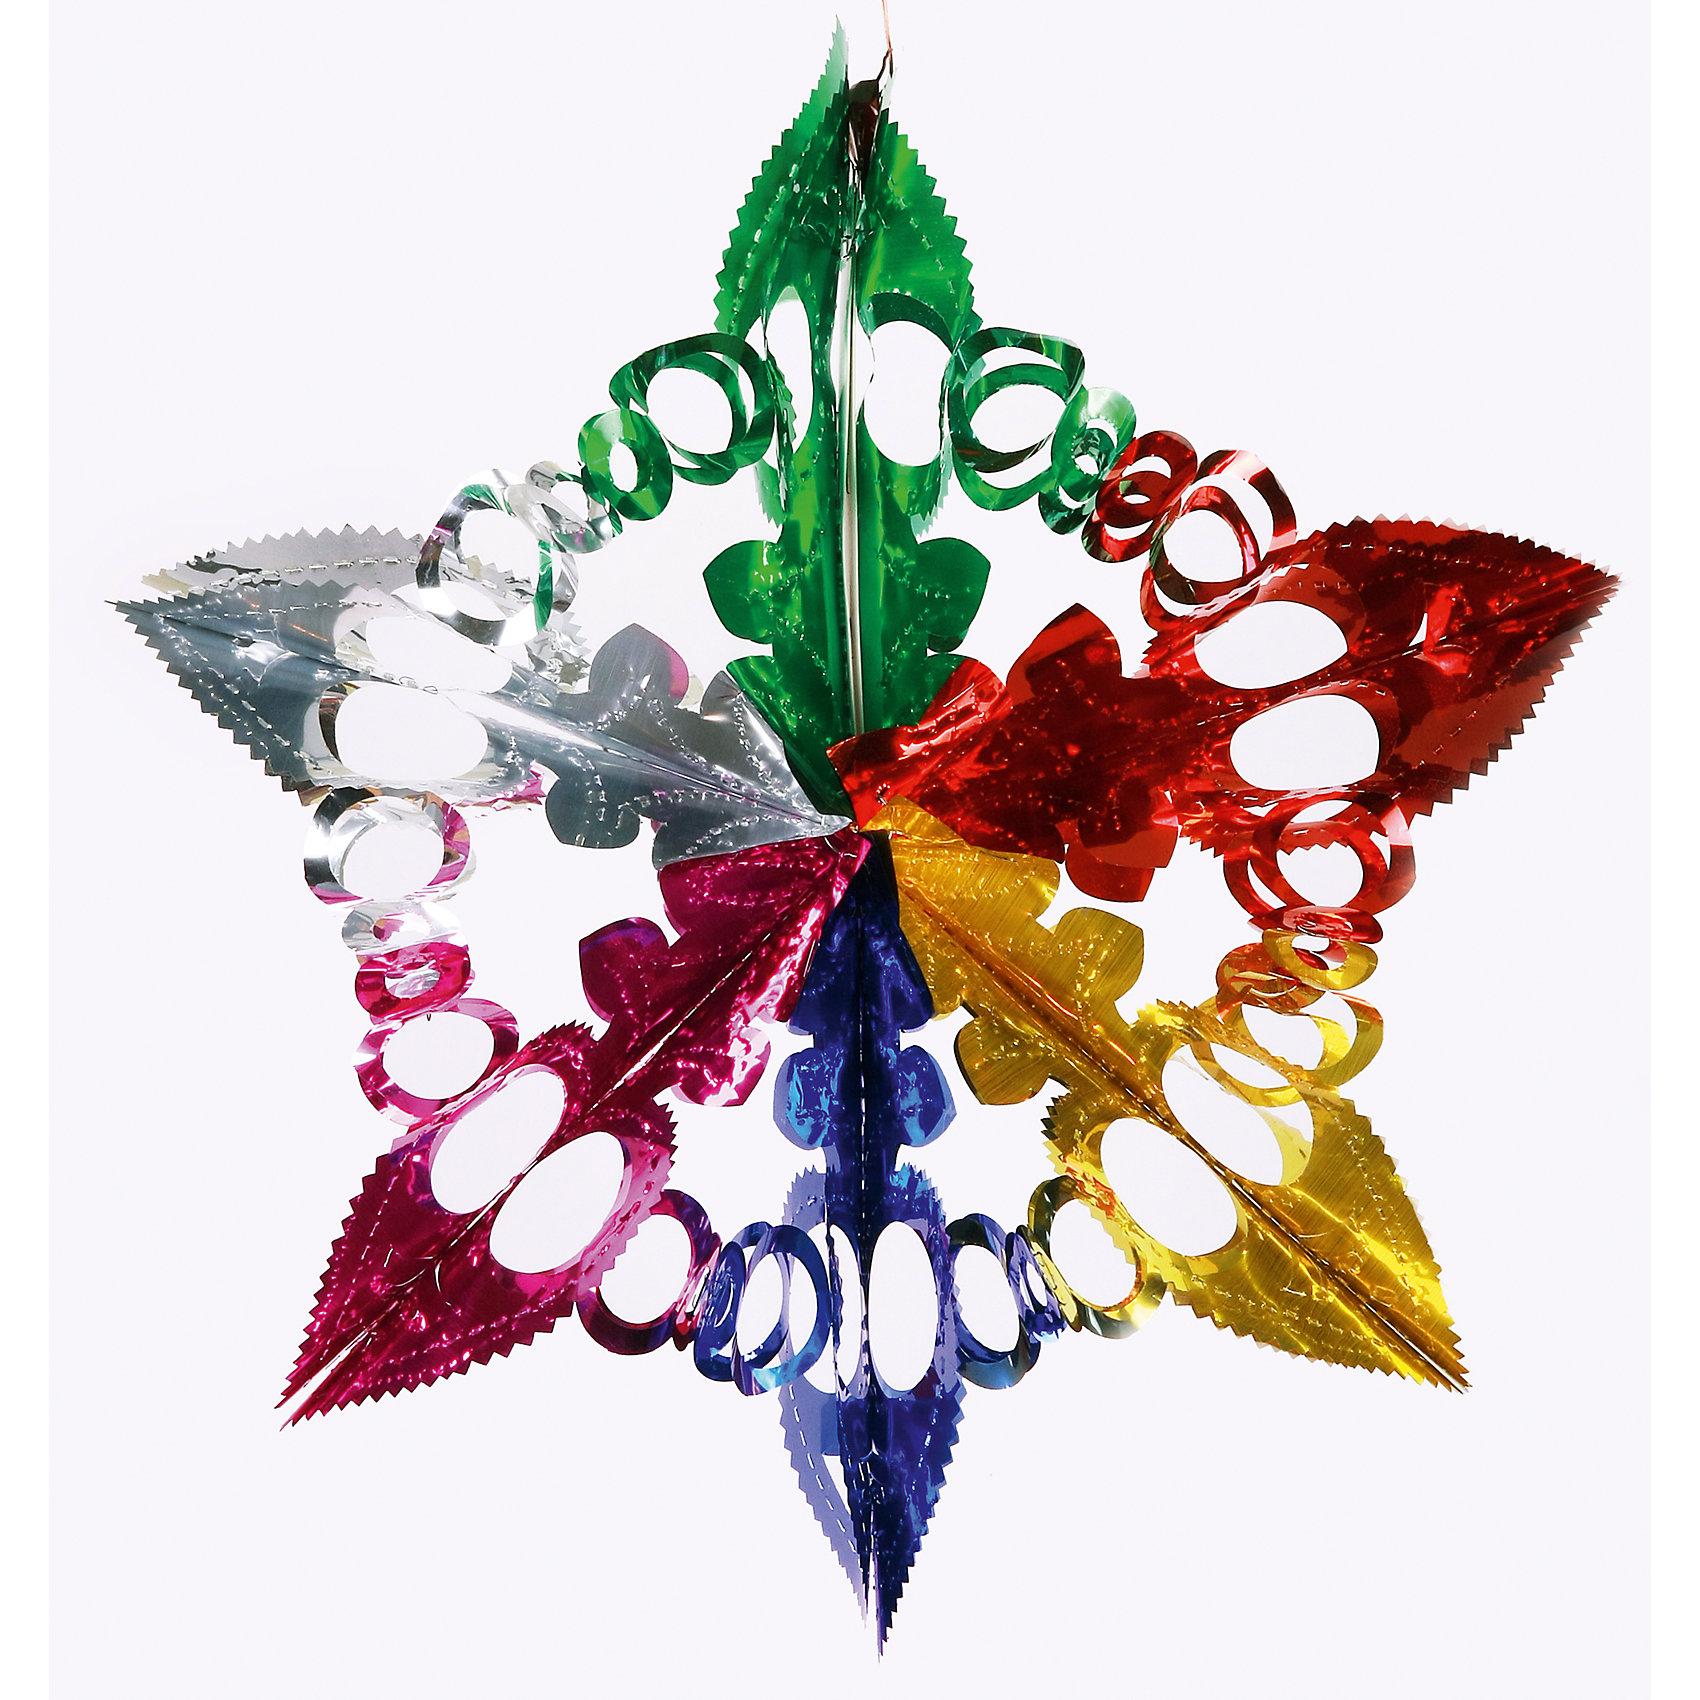 Гирлянда Ажурная снежинка 11*19 смГирлянда Ажурная снежинка, Феникс-презент, станет замечательным украшением Вашей новогодней елки или интерьера и поможет создать волшебную атмосферу новогодних праздников. Гирлянда выполнена в виде роскошной ажурной снежинки с разноцветными лучами, она<br>будет чудесно смотреться на елке и радовать детей и взрослых. <br><br><br>Дополнительная информация:<br><br>- Материал: ПЭТ (полиэтилентерефталат).<br>- Размер гирлянды: 11 х 19 см.<br>- Вес: 18 гр. <br><br>Гирлянду Ажурная снежинка, Феникс-презент, можно купить в нашем интернет-магазине.<br><br>Ширина мм: 5<br>Глубина мм: 130<br>Высота мм: 400<br>Вес г: 18<br>Возраст от месяцев: 36<br>Возраст до месяцев: 2147483647<br>Пол: Унисекс<br>Возраст: Детский<br>SKU: 4274688